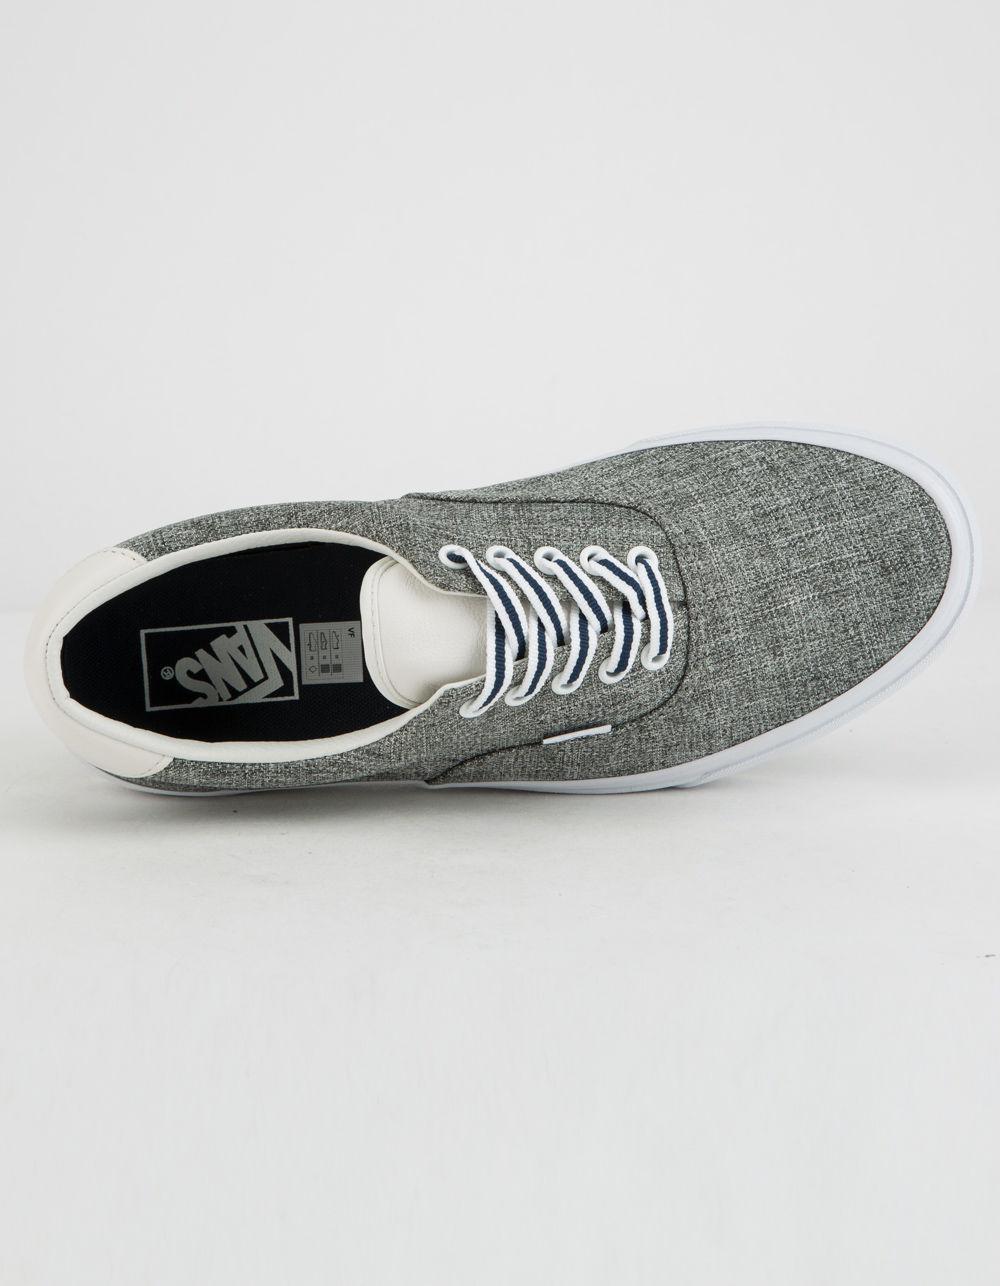 Lyst - Vans Varsity Era 59 Shoes in Gray for Men 1ea8c1827